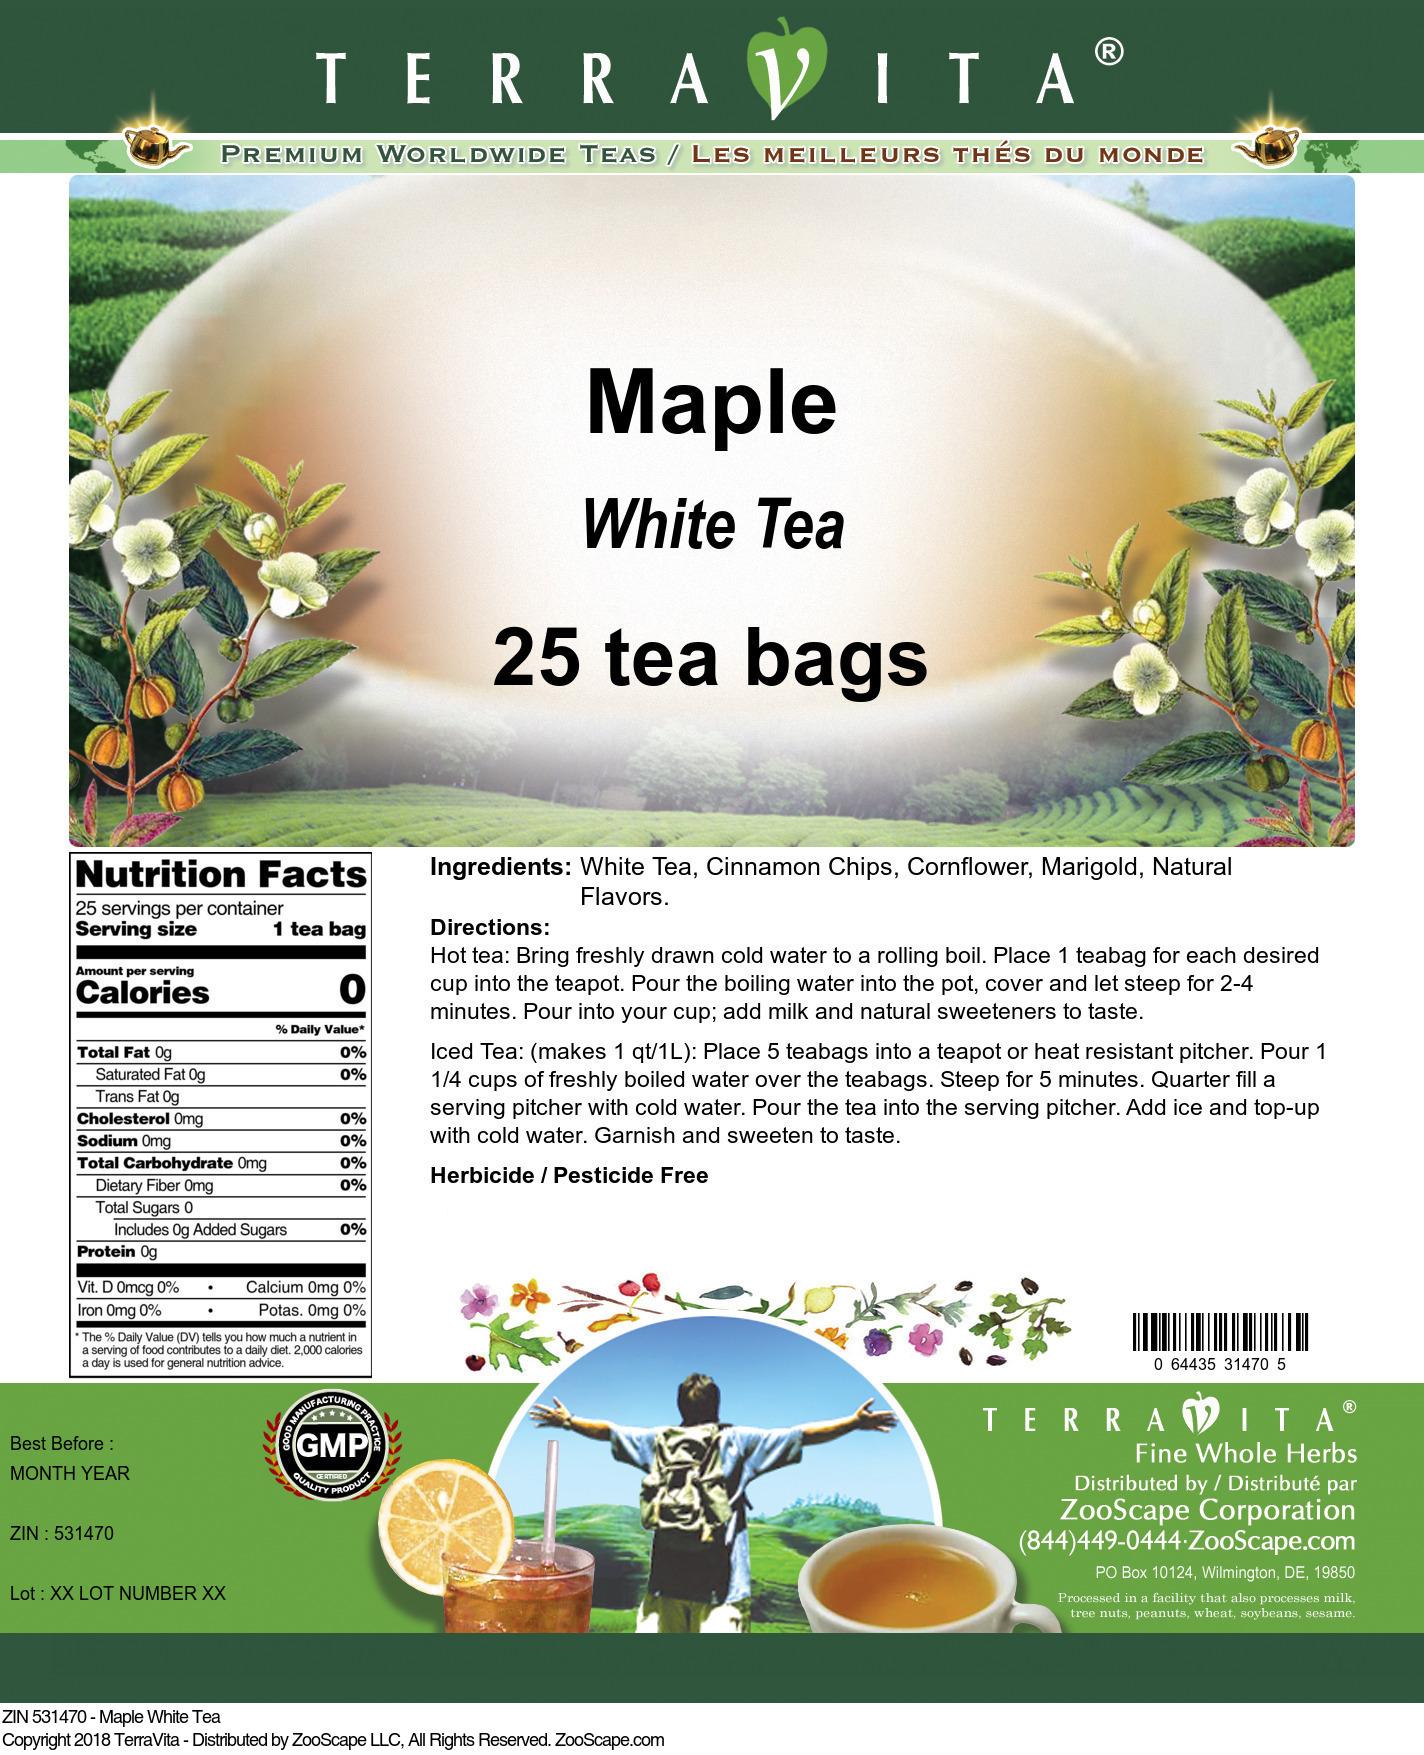 Maple White Tea